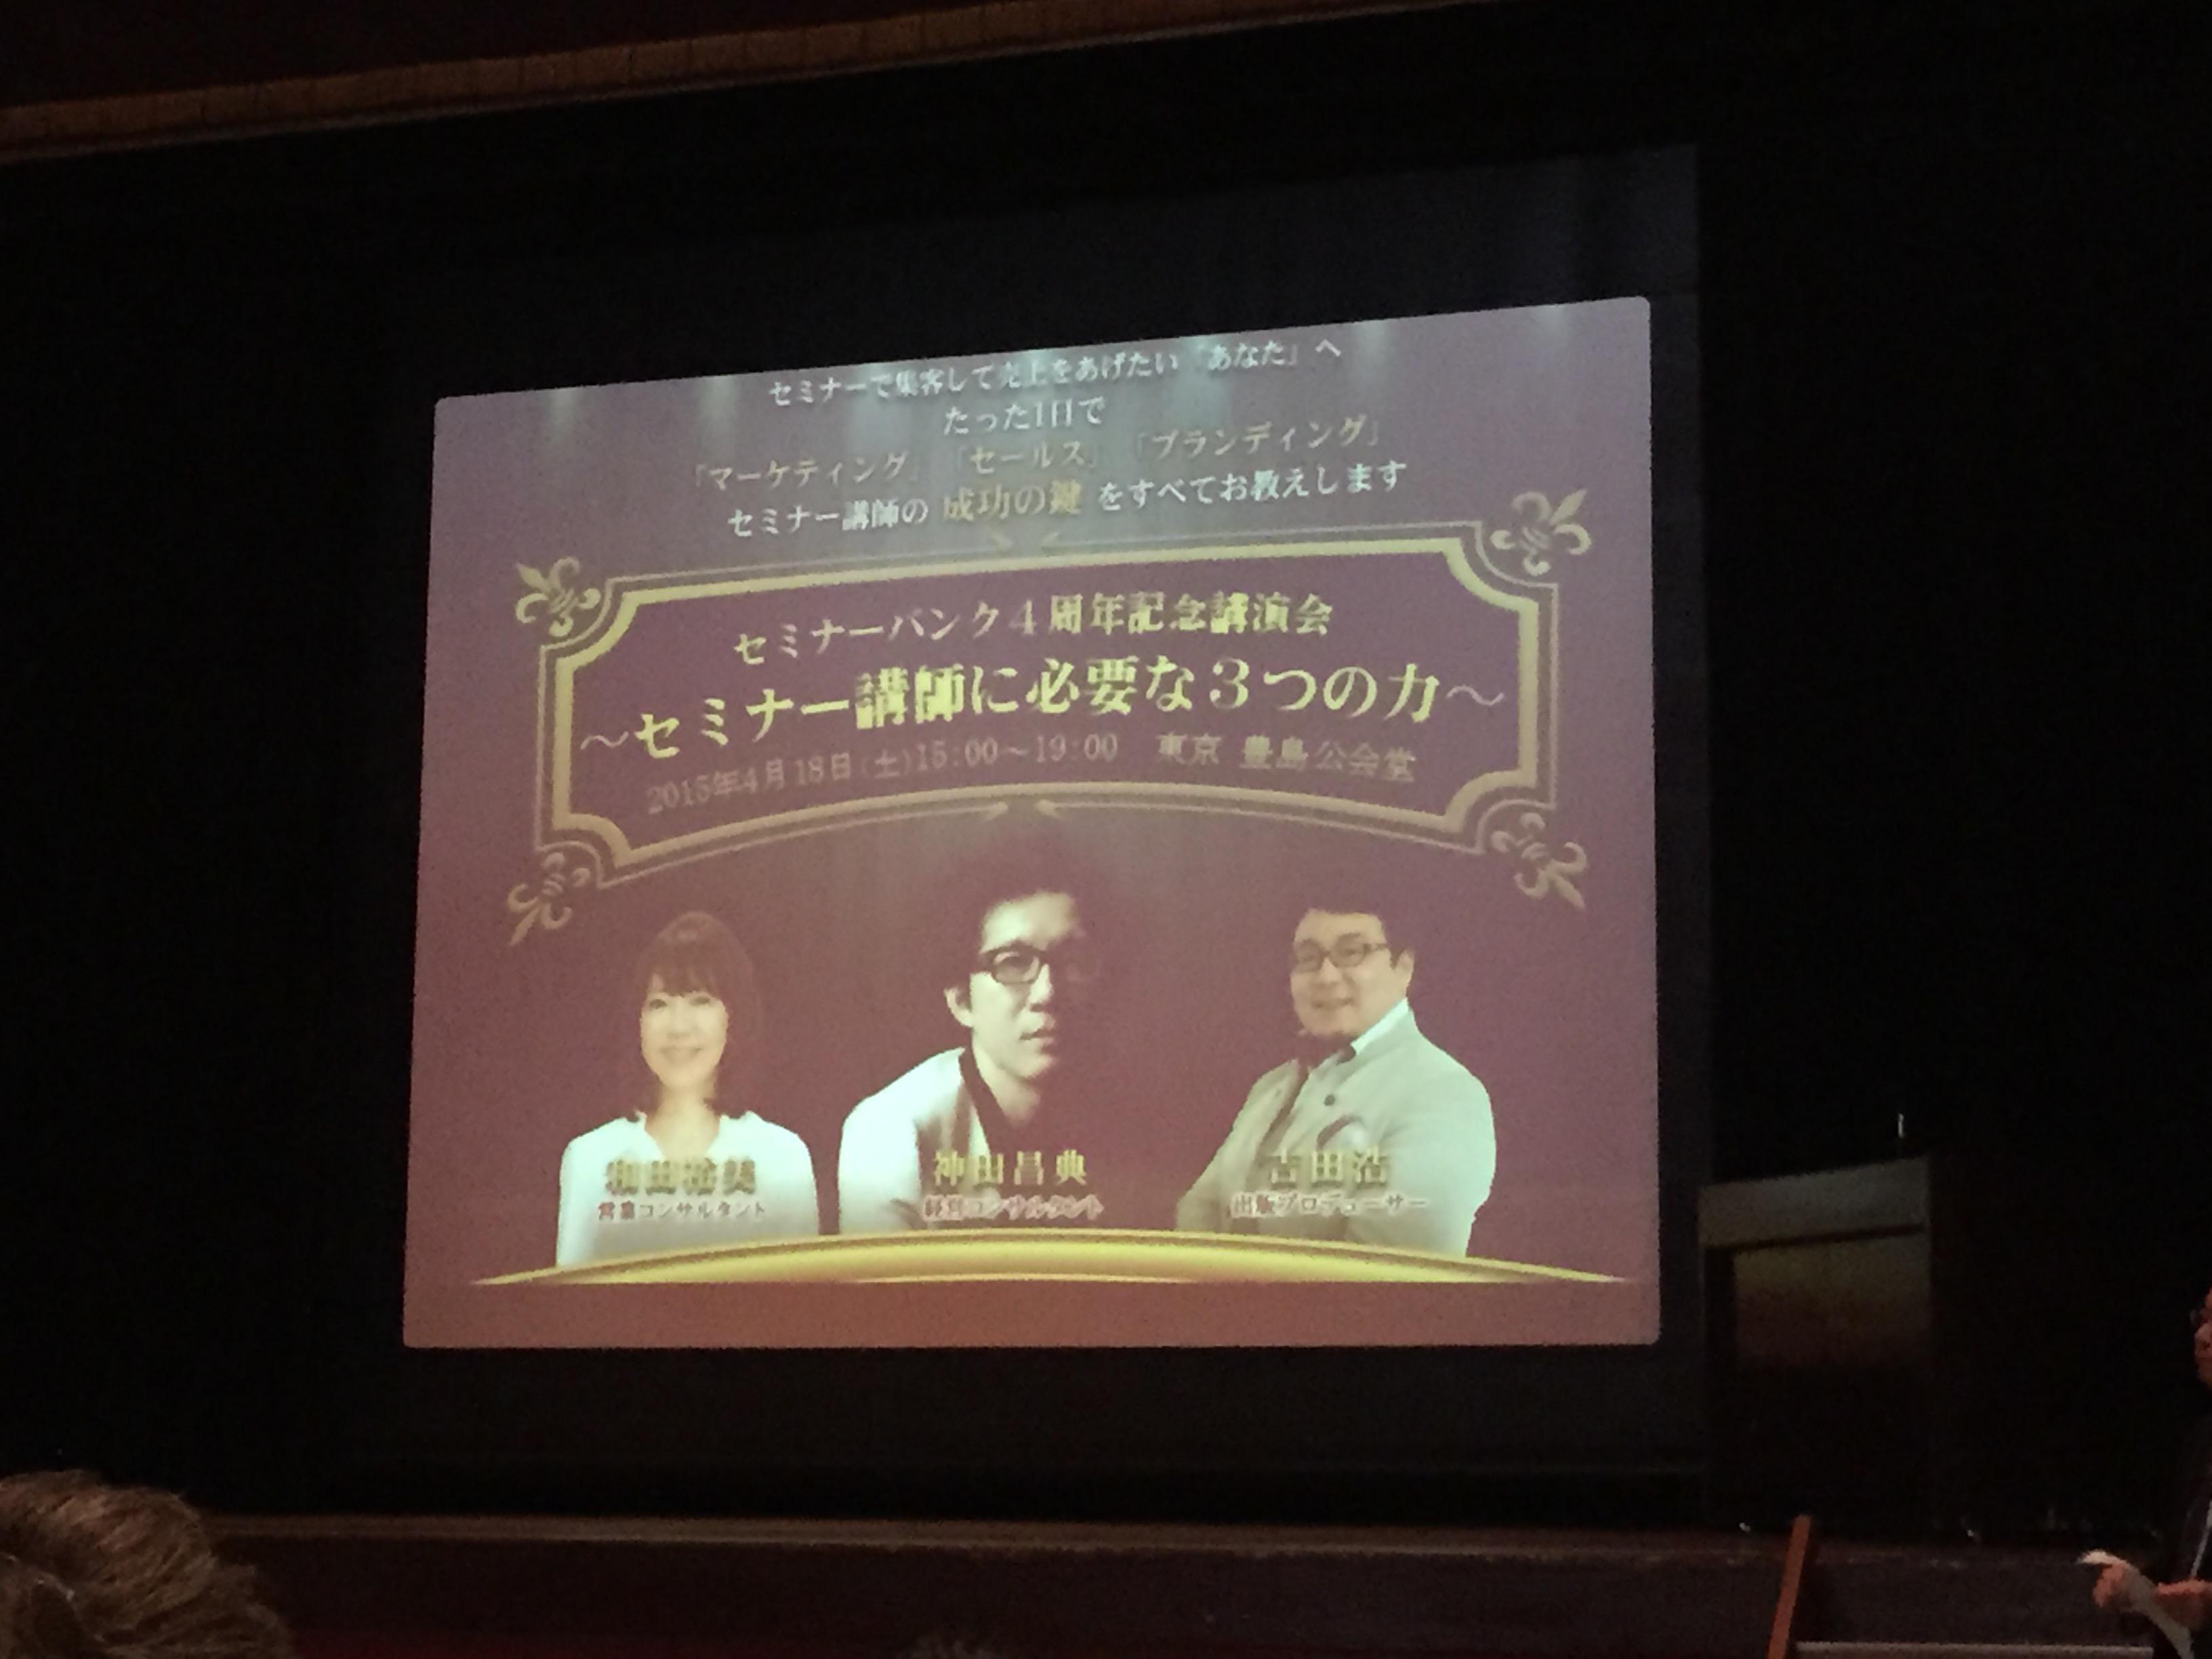 MeWiseMagic.net神田昌典さん、和田裕美さん、吉田浩さんがセミナー講師たちへ贈ったメッセージ:「セミナー講師に必要な3つの力」受講記その四投稿ナビゲーション最近の投稿アーカイブカテゴリー